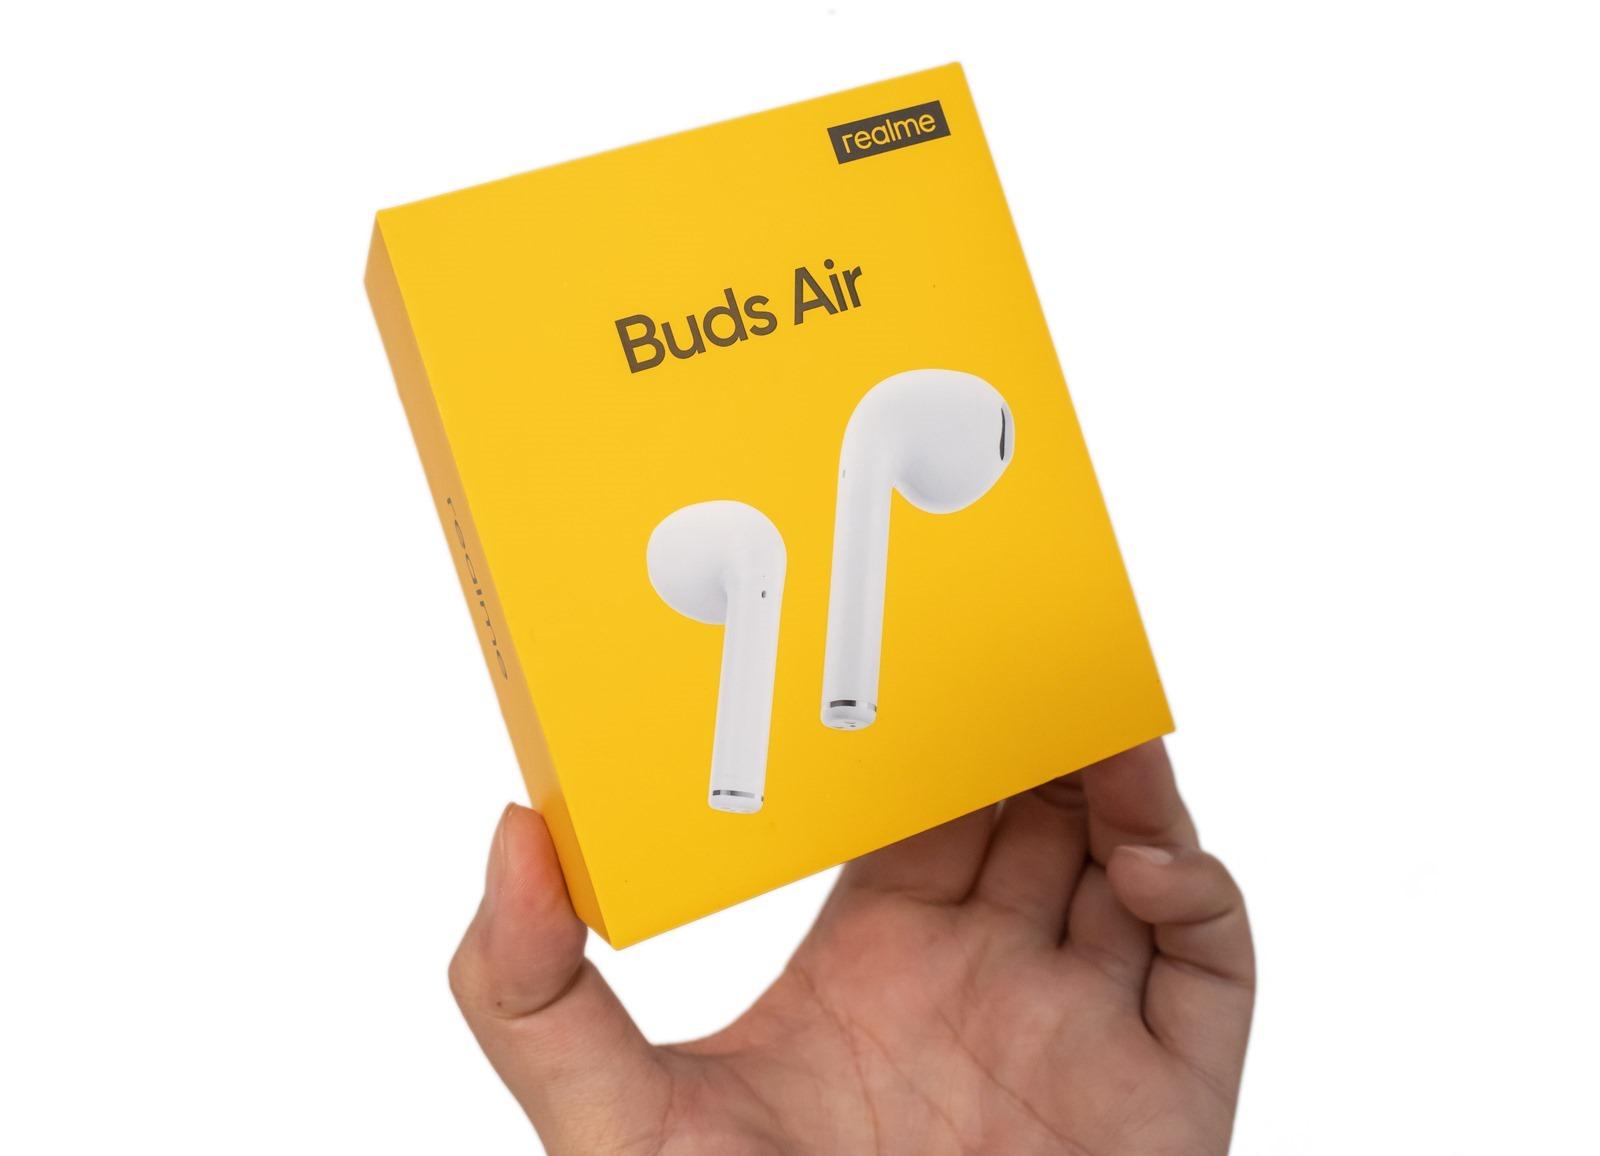 斷開你的線!真無線藍牙耳機 realme Buds Air、支援無線充電、高 CP 值價格推薦 @3C 達人廖阿輝